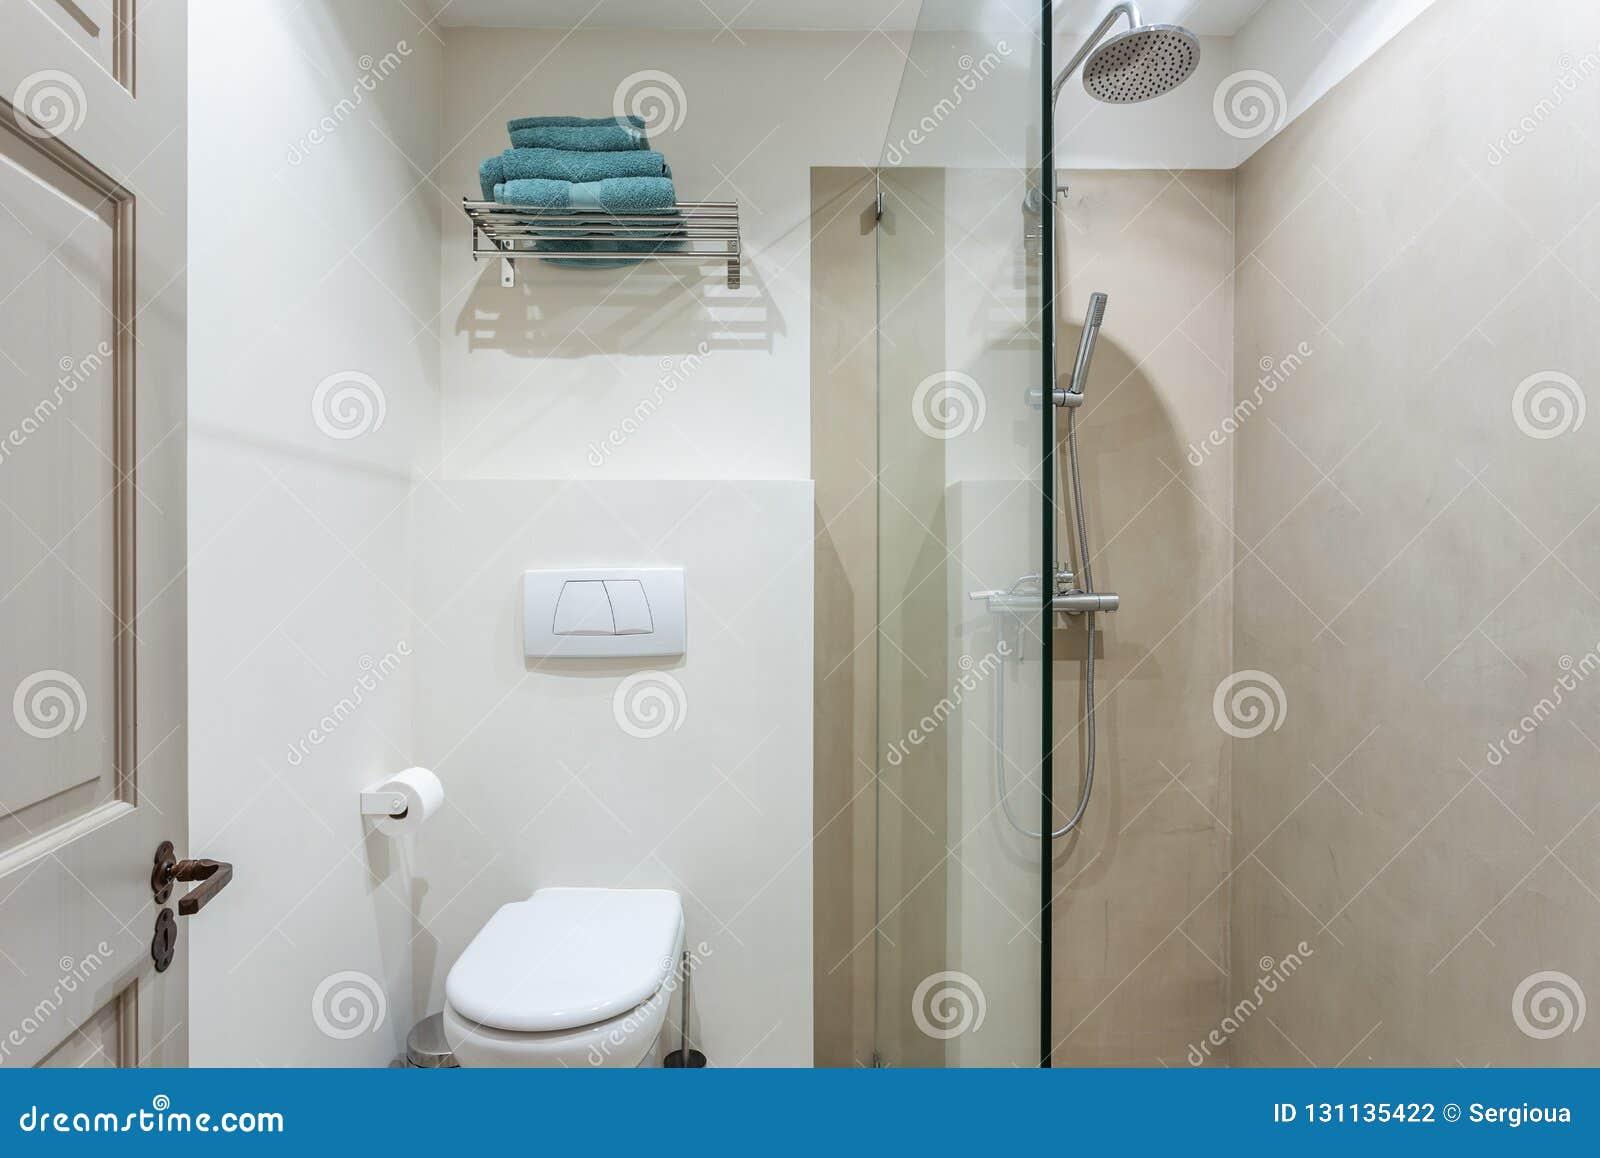 Pièce De Douche Moderne De Salle De Bains Avec La Toilette ...